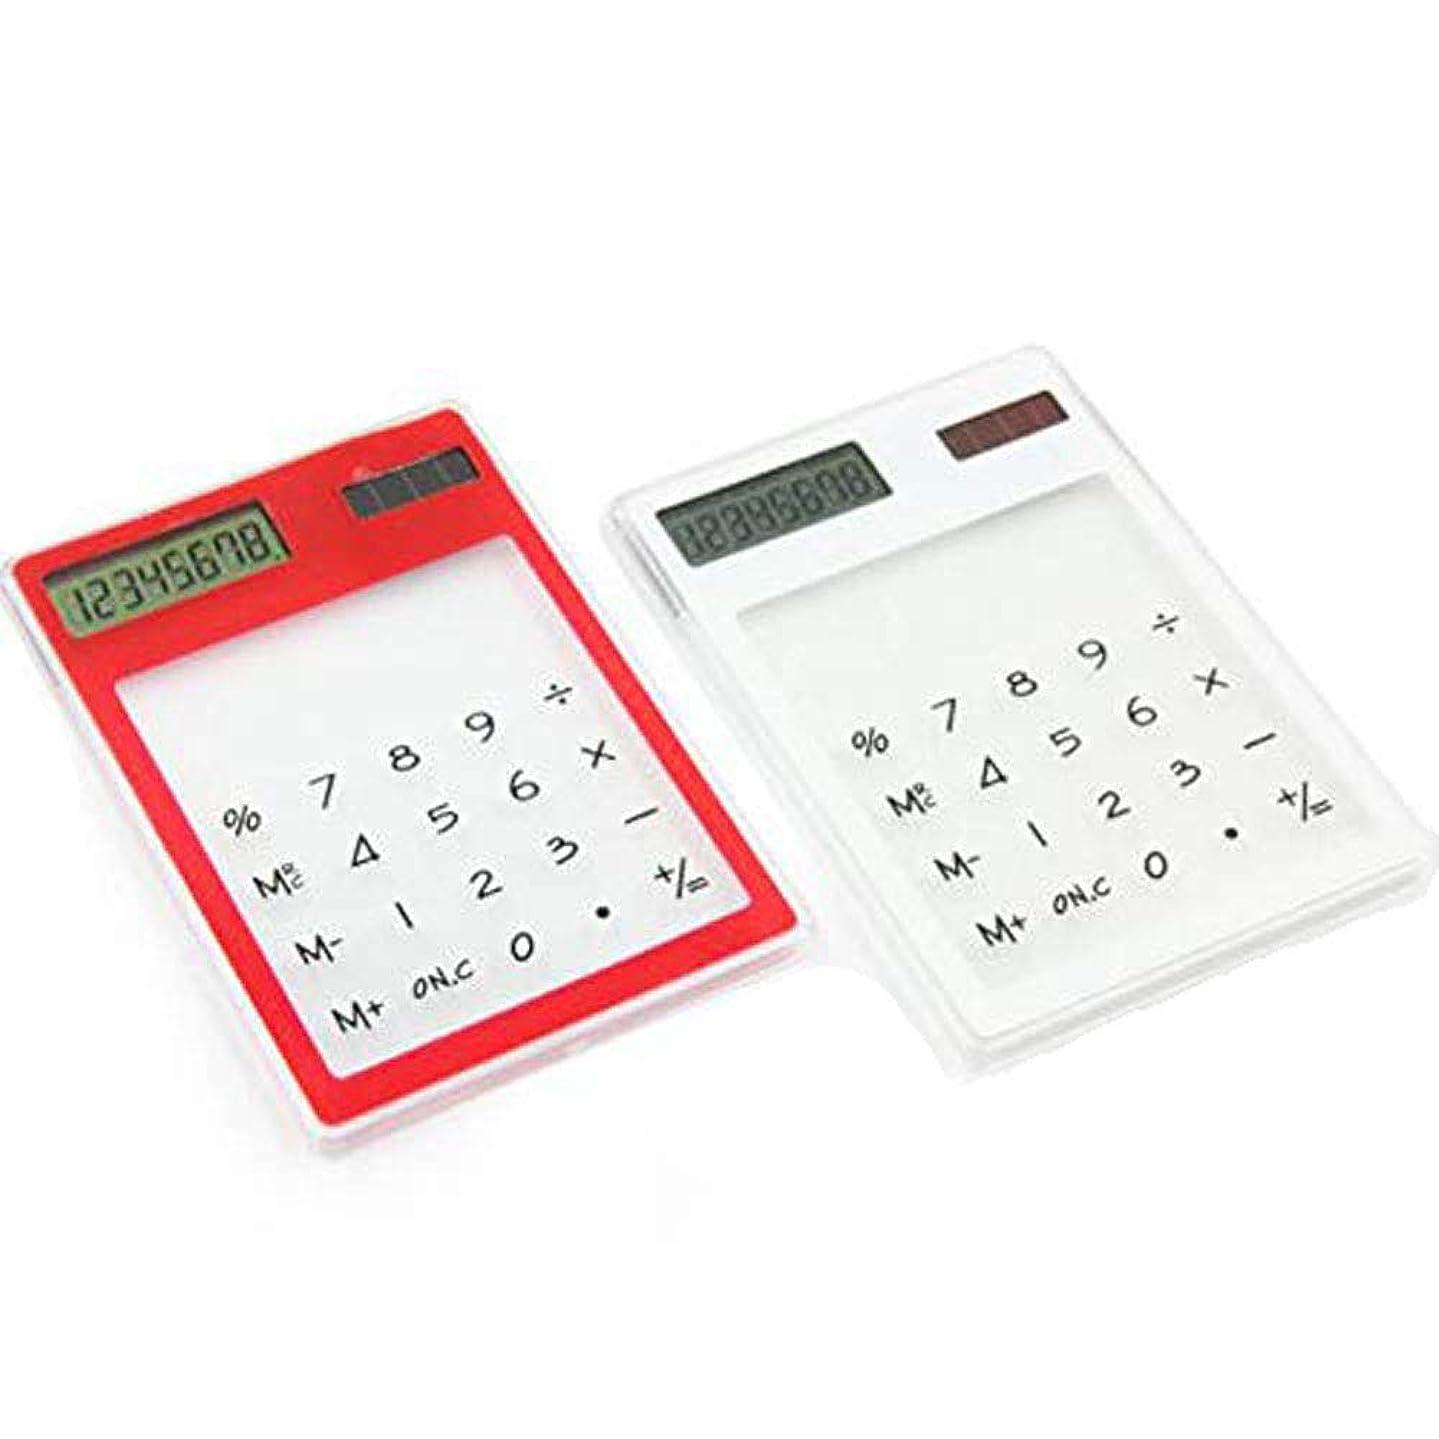 鳩敵意気味の悪いHJ 電卓 太陽エネルギー電卓 スタンダード電卓 実務電卓 小型 透明 オシャレ 学生用 オフィス用品 (2個セット)